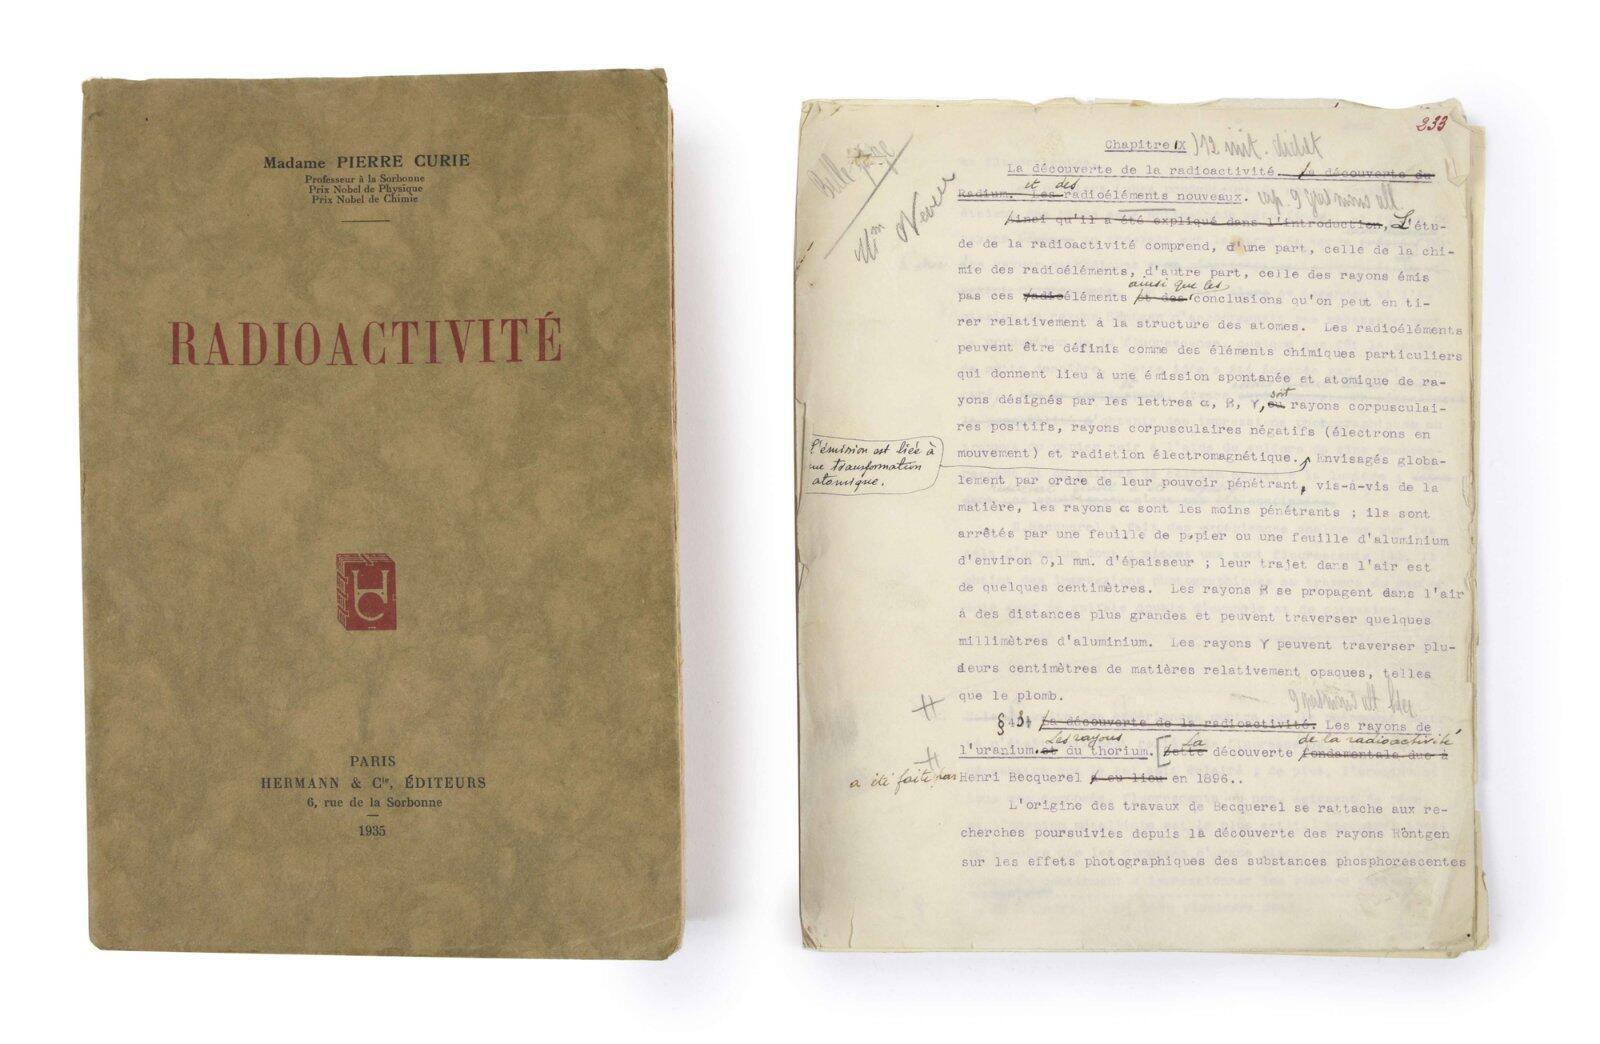 Tratado de radioactividad, texto meccanografiado con correcciones de Marie Curie.